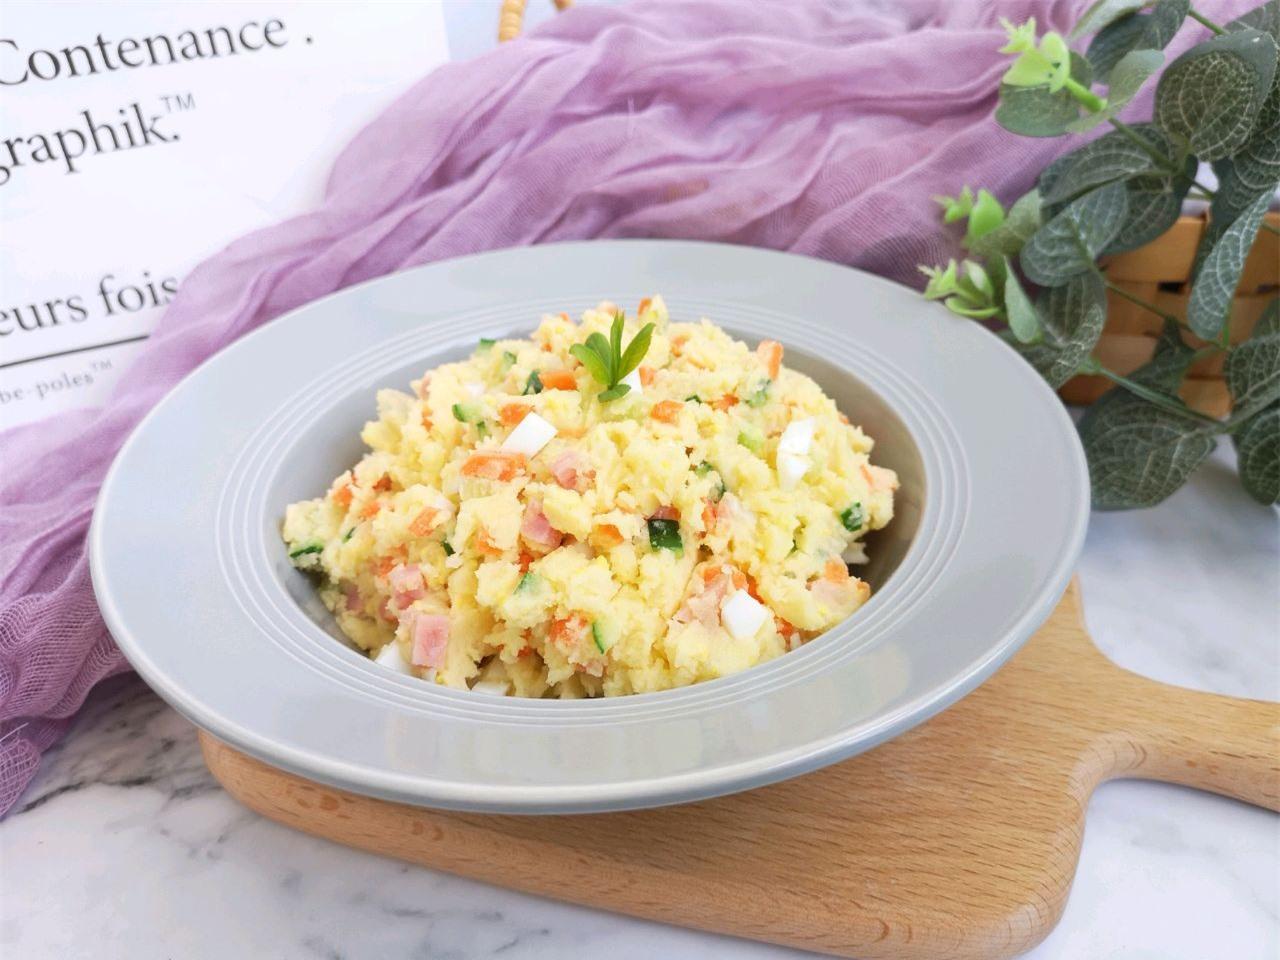 Bữa tối giảm cân ngon miệng với salad khoai tây - Ảnh 7.